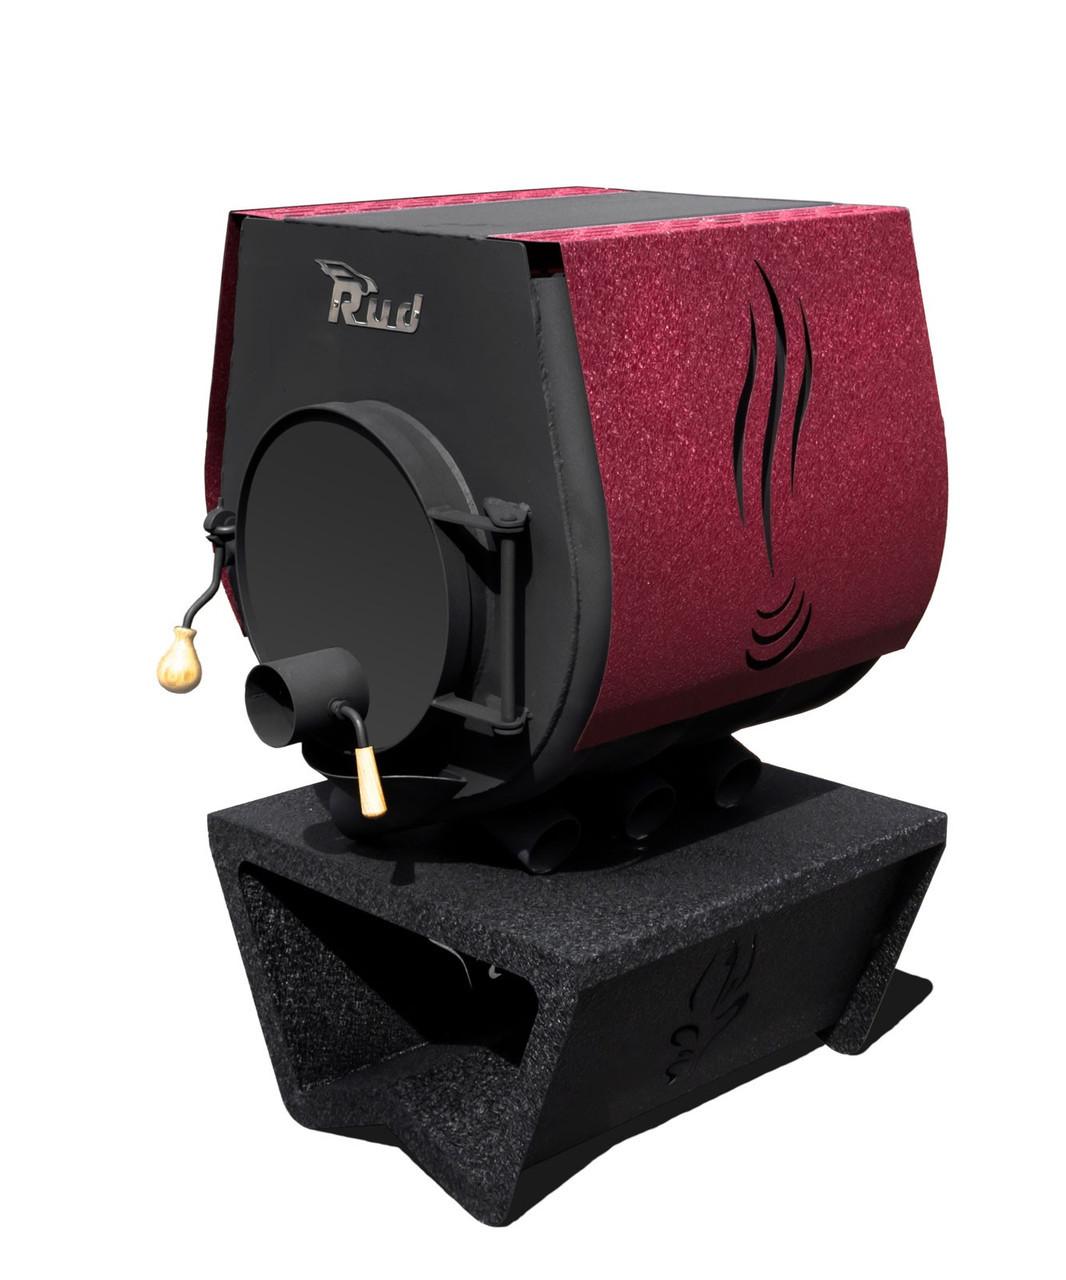 Отопительная конвекционная печь Rud Pyrotron Кантри 01 с варочной поверхностью S=80 кв.м. (бордовая)